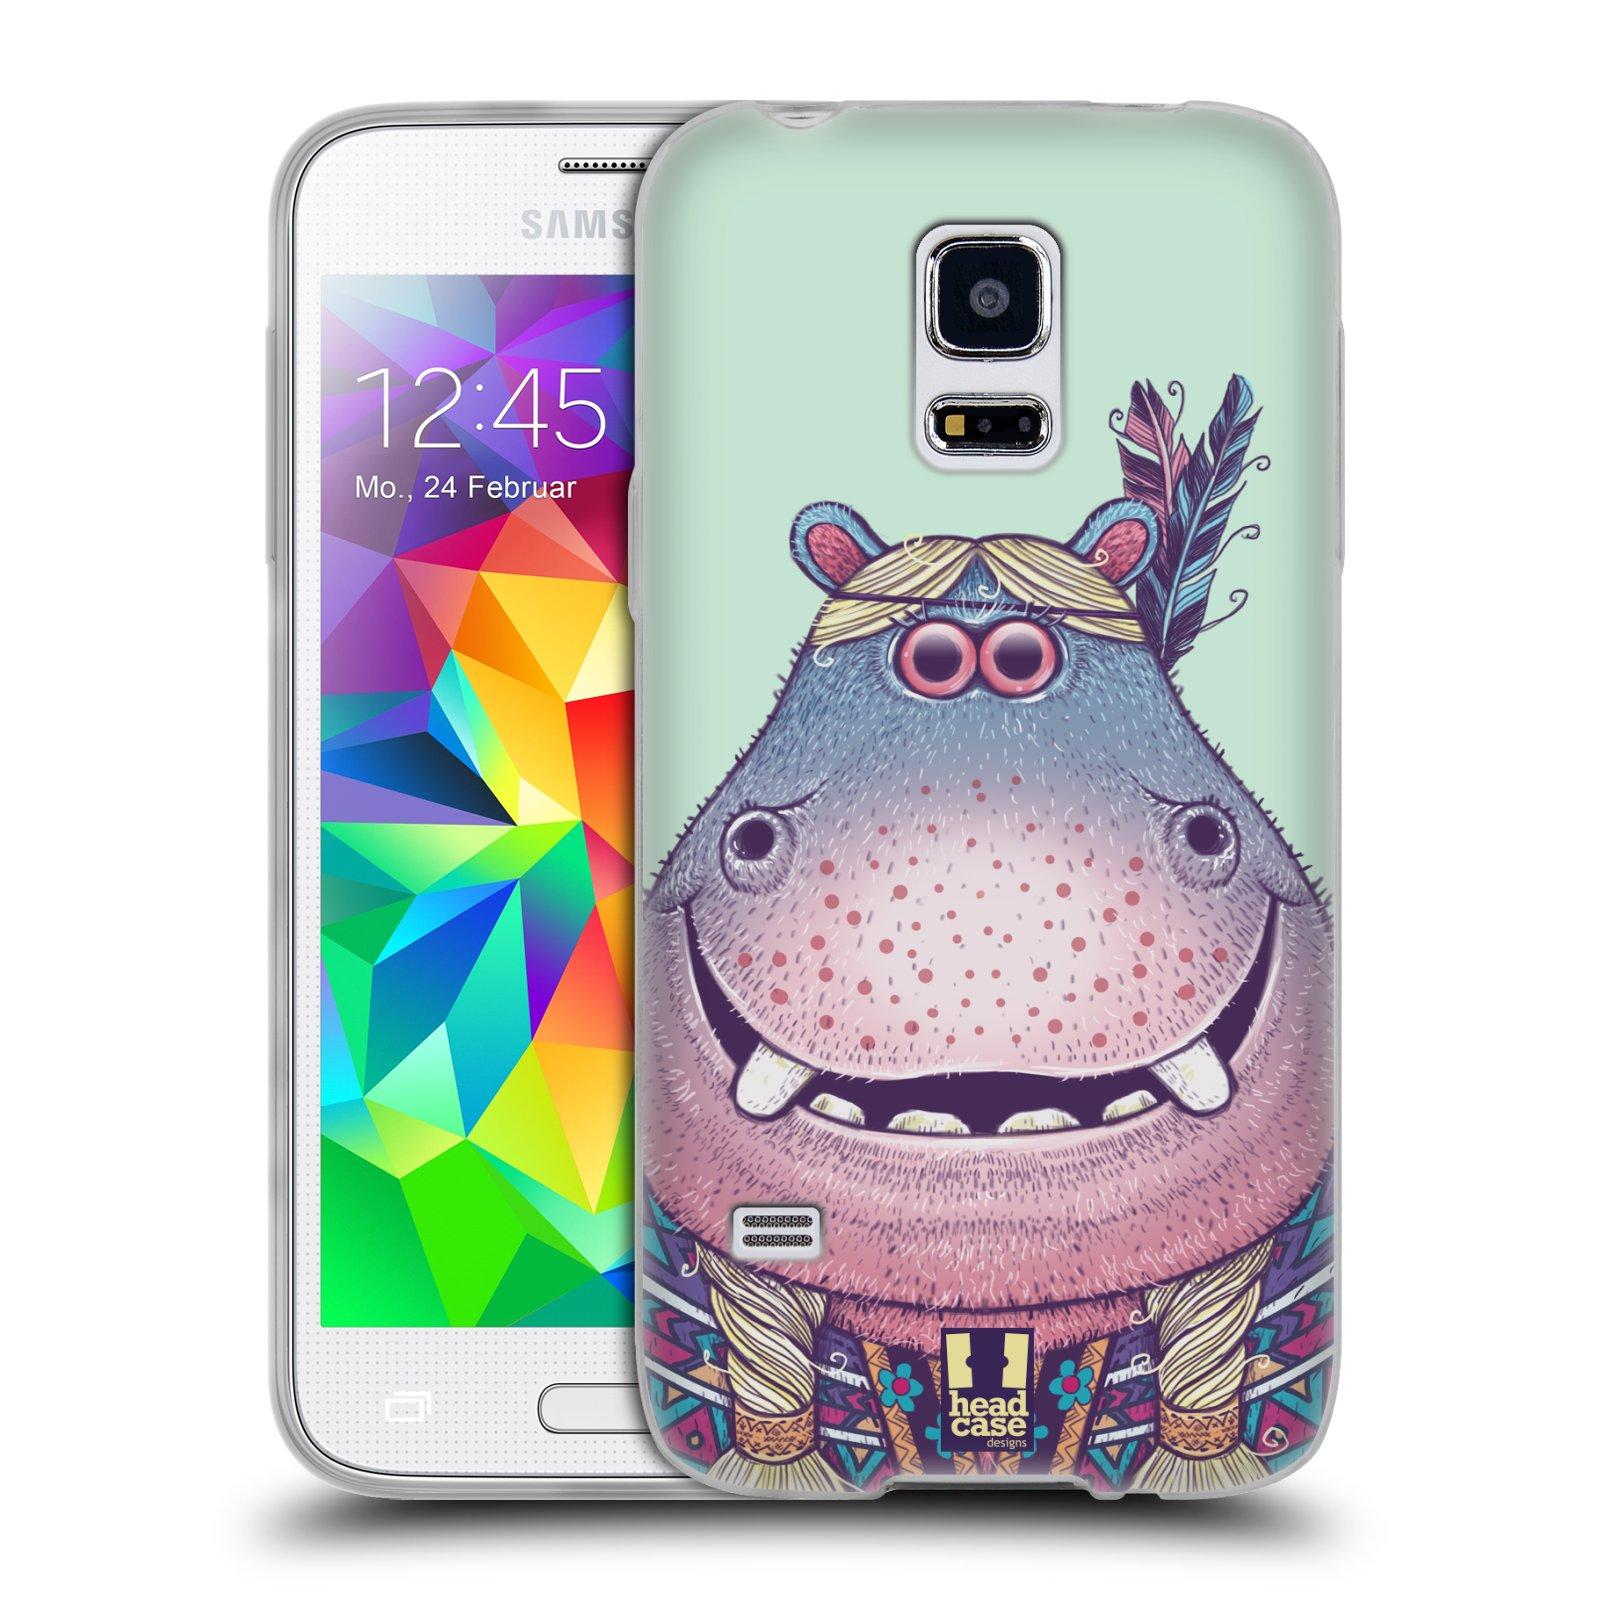 HEAD CASE silikonový obal na mobil Samsung Galaxy S5 MINI vzor Kreslená zvířátka hroch